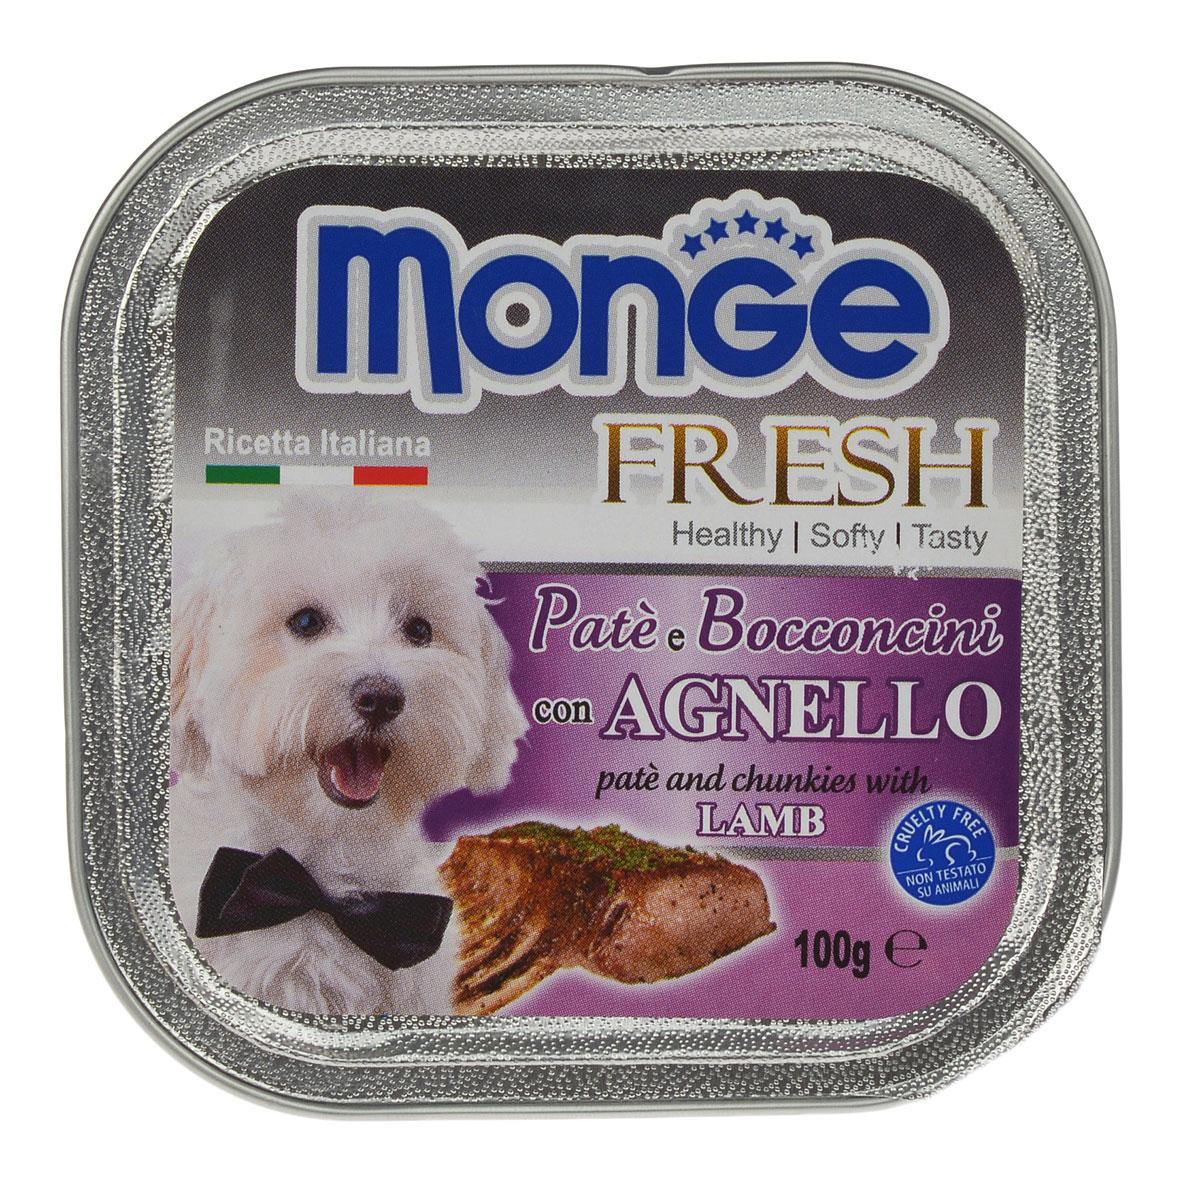 Консервы для собак Monge Fresh, с ягненком, 100 г70013055Консервы для собак Monge Fresh - полнорационный корм для собак. Паштет из мяса ягненка. Состав: свежее мясо 80% (содержание баранины мин. 10%), минеральные вещества, витамины. Технологические добавки: загустители и желирующие вещества. Анализ компонентов: белок 9%, жир 7%, сырая клетчатка 0,5%, сырая зола 1,2%, влажность 82%. Витамины и добавки на 1 кг: витамин А 3000МЕ, витамин D3 400 МЕ, витамин Е 15 мг. Товар сертифицирован.